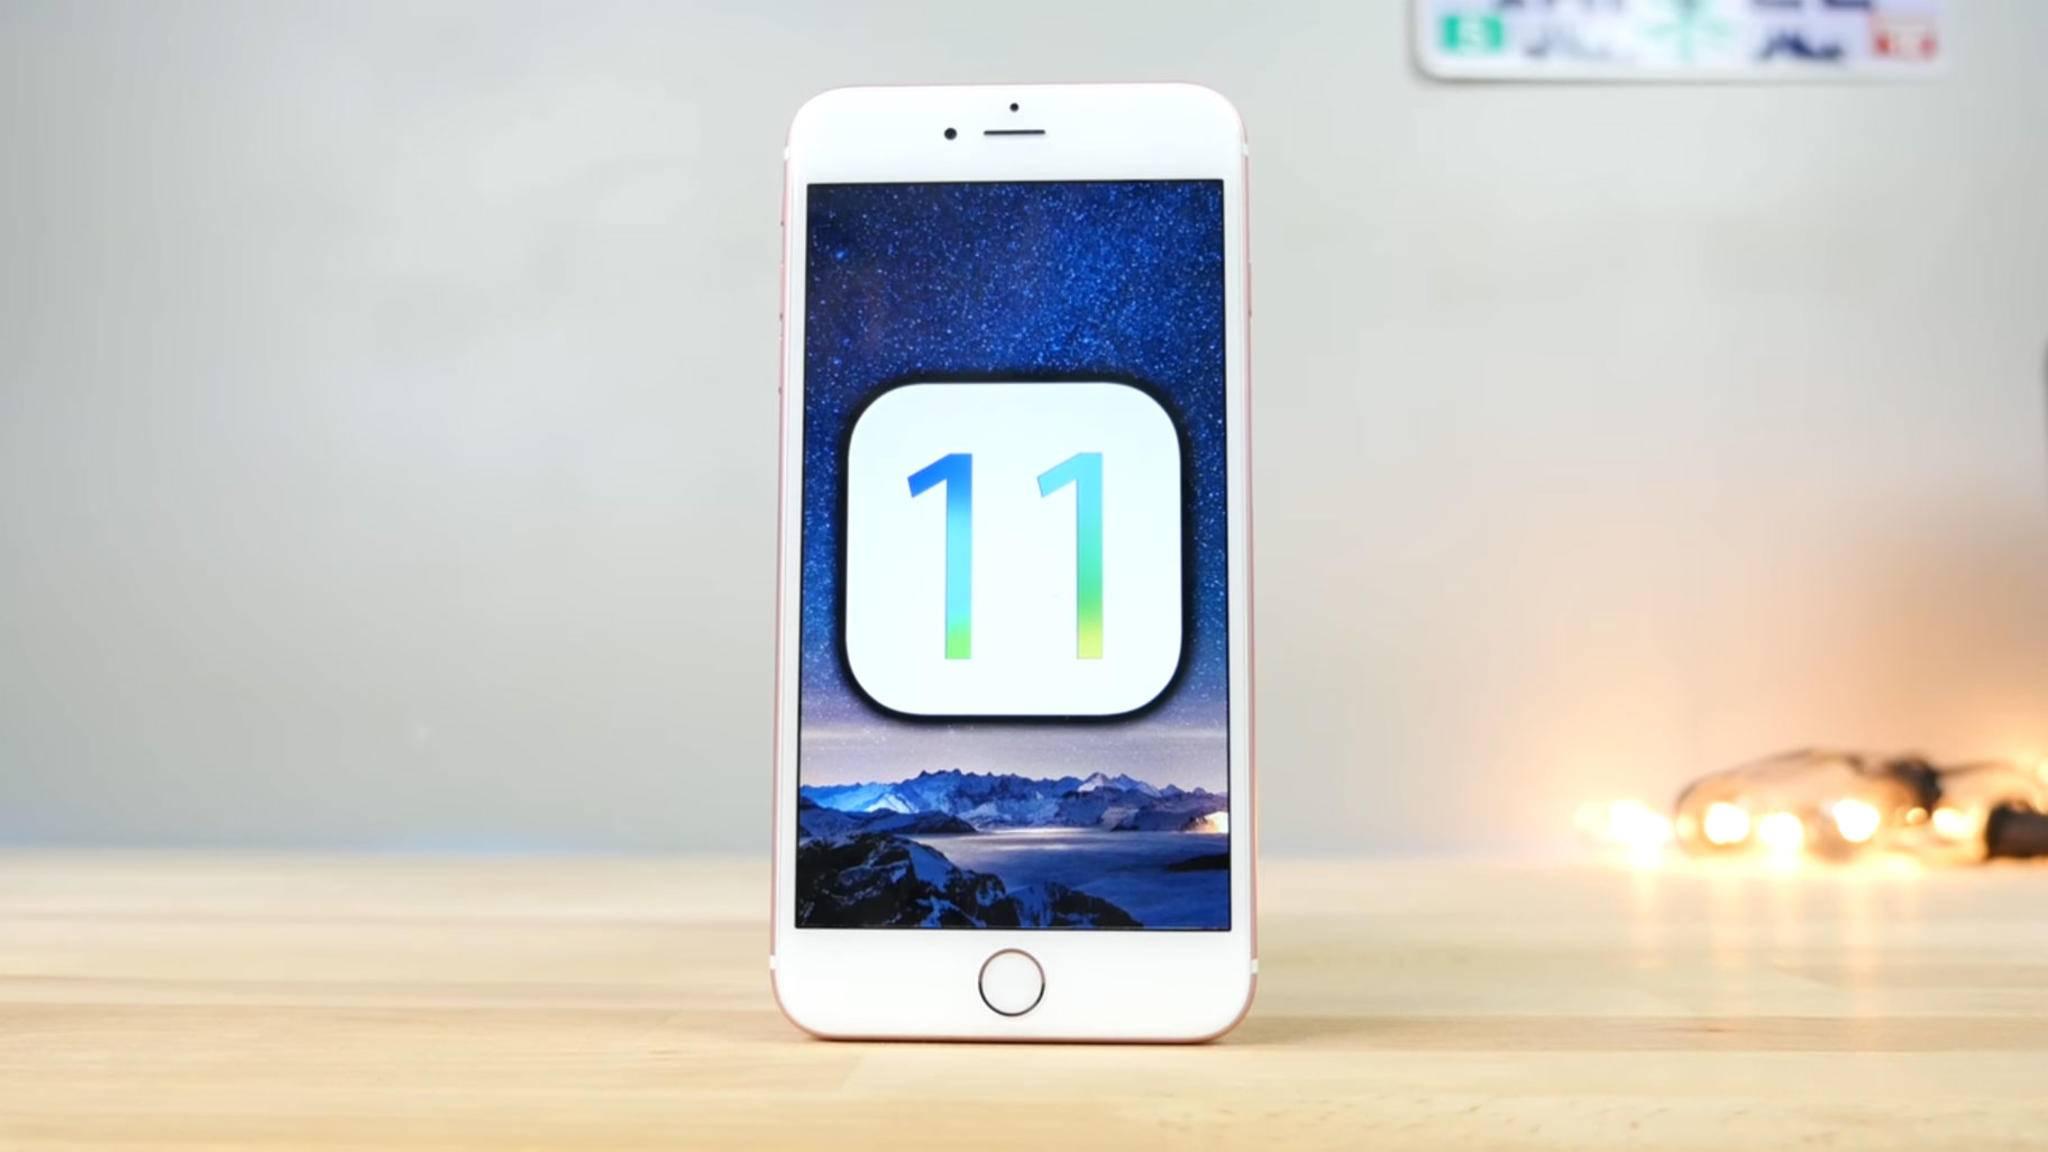 iOS 11 wird im Fokus der WWDC 2017 stehen – doch Neuigkeiten wird es auch abseits des iPhone-Betriebssystems geben.